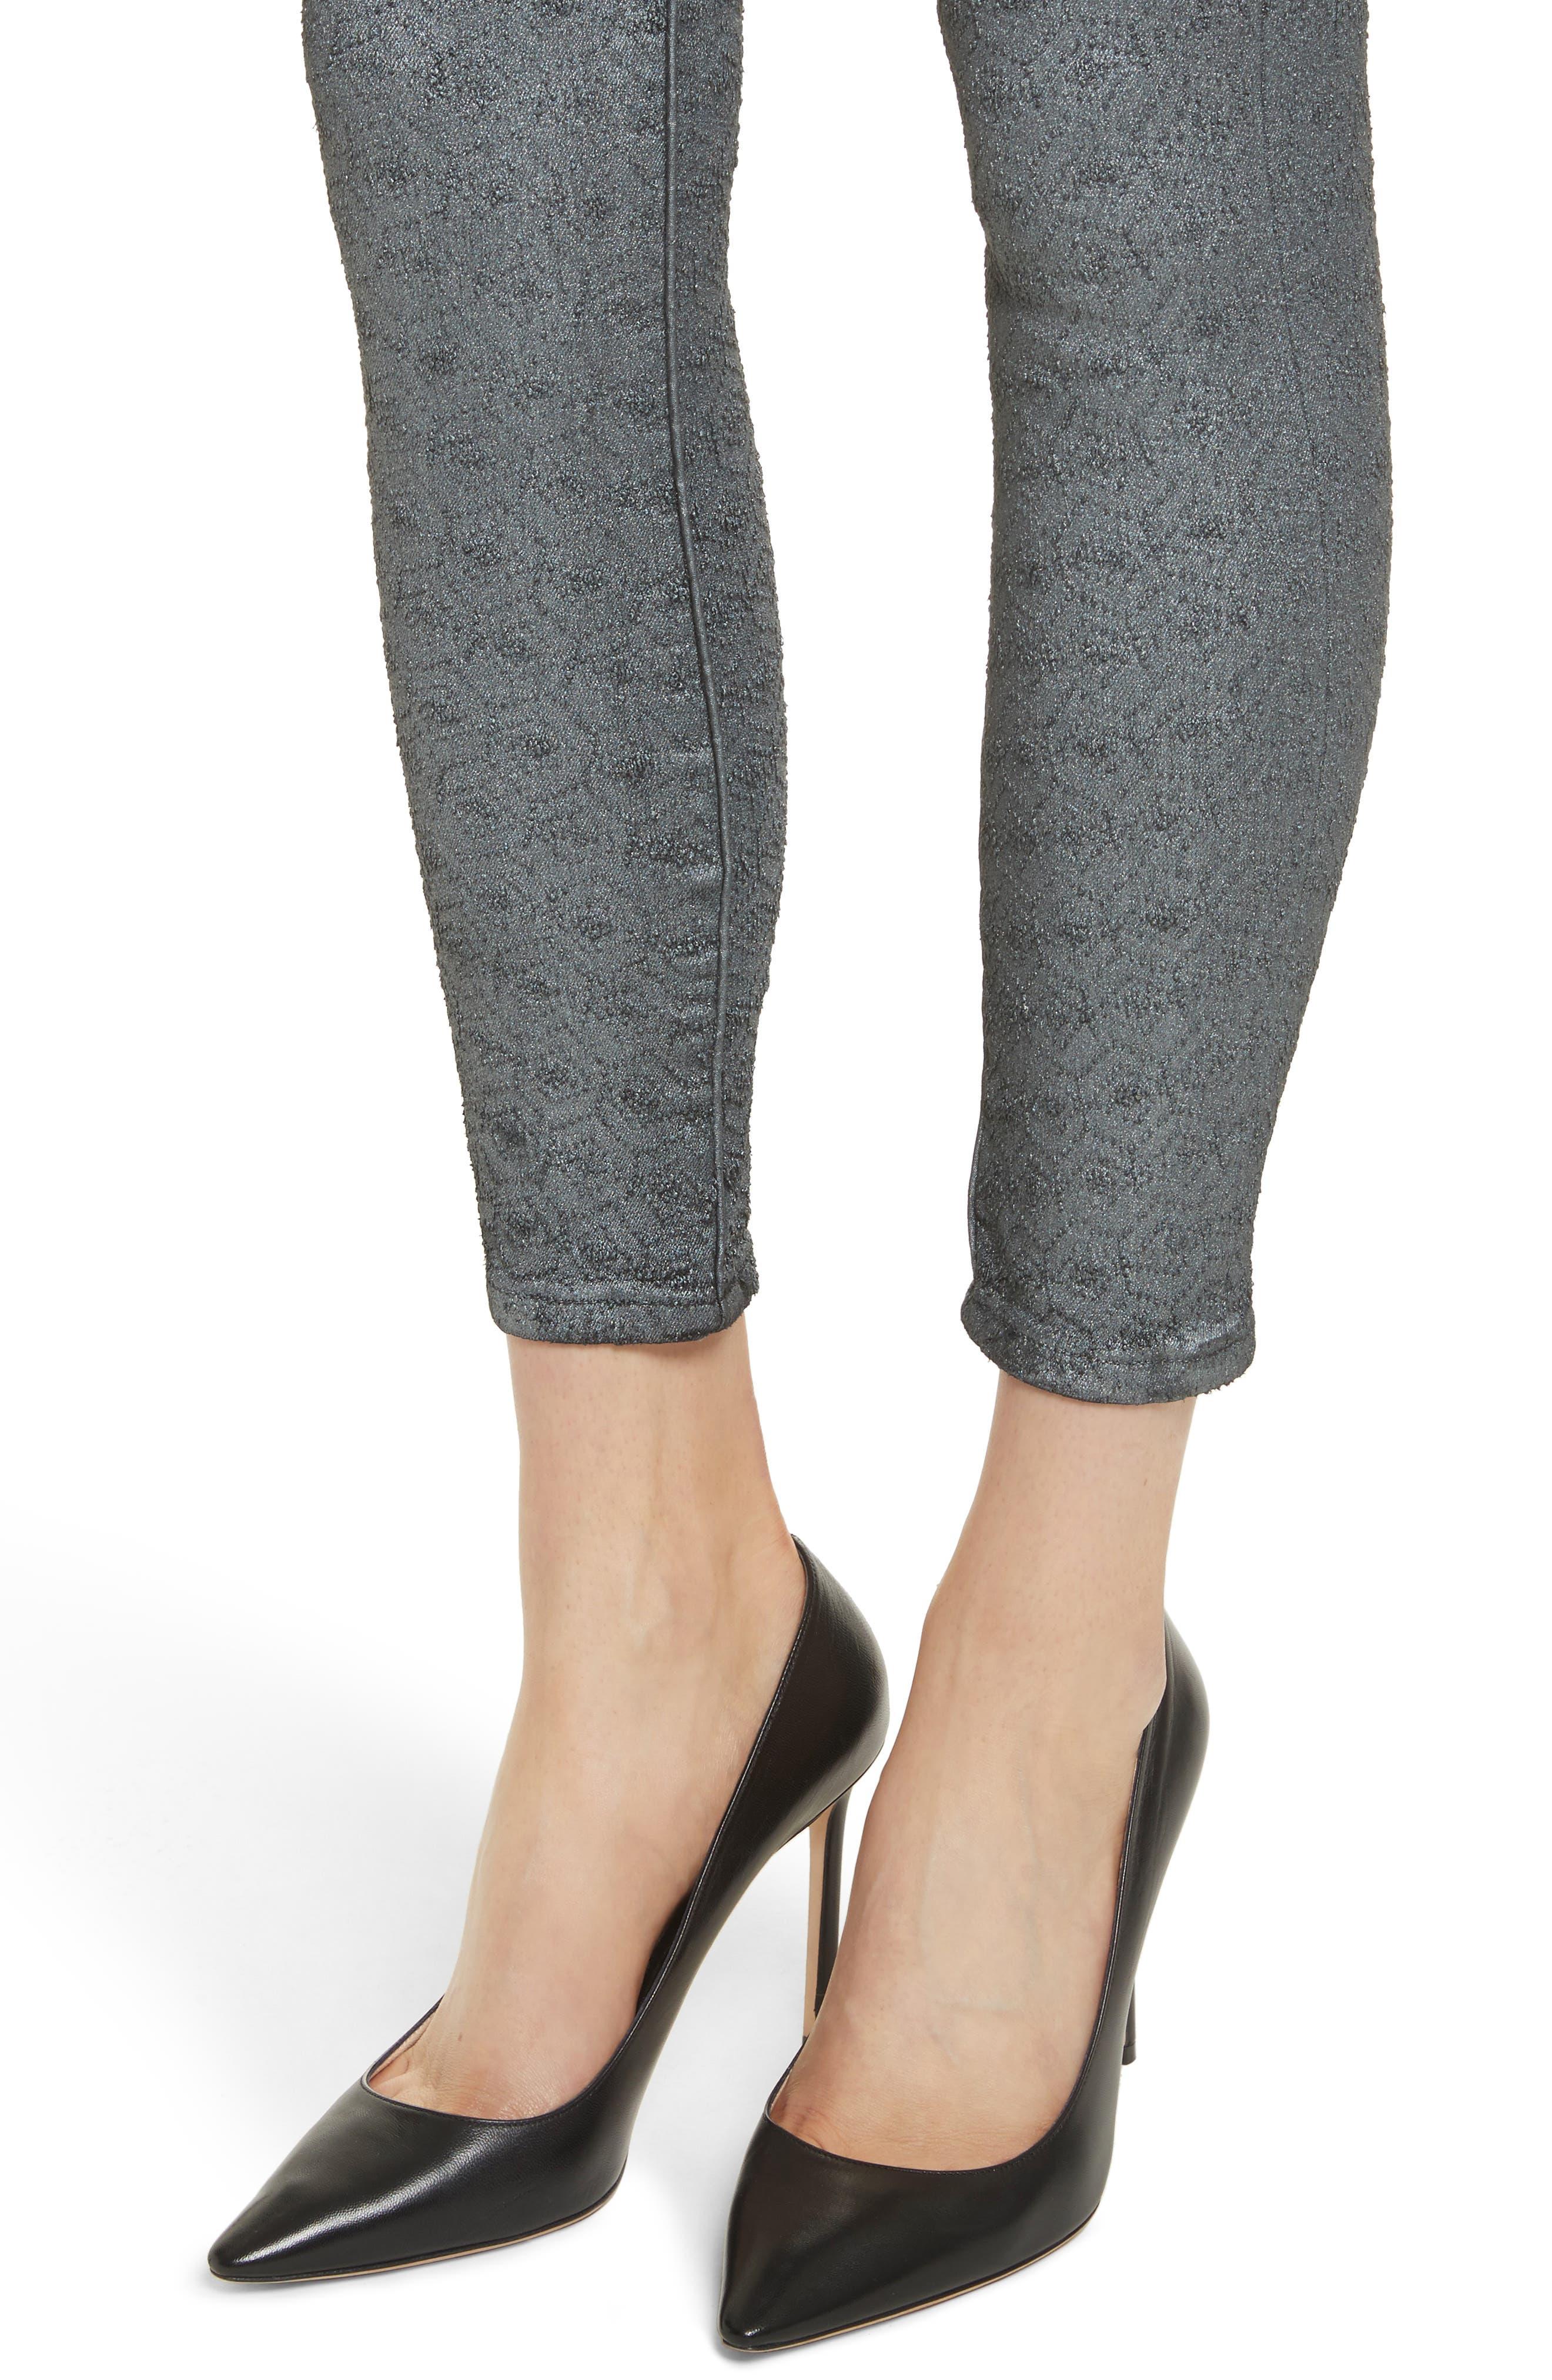 Reina Glitter Skinny Jeans,                             Alternate thumbnail 4, color,                             Black Used Glitter Silver